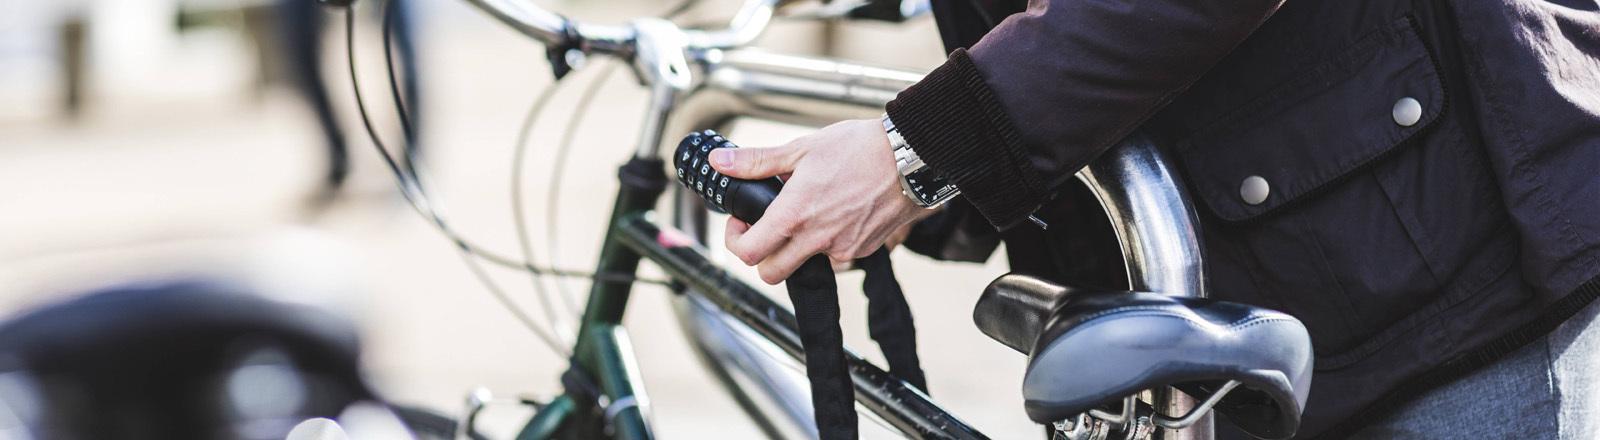 Eine Person schließt ein Fahrrad mit einem Schloss an, um es zu sichern.